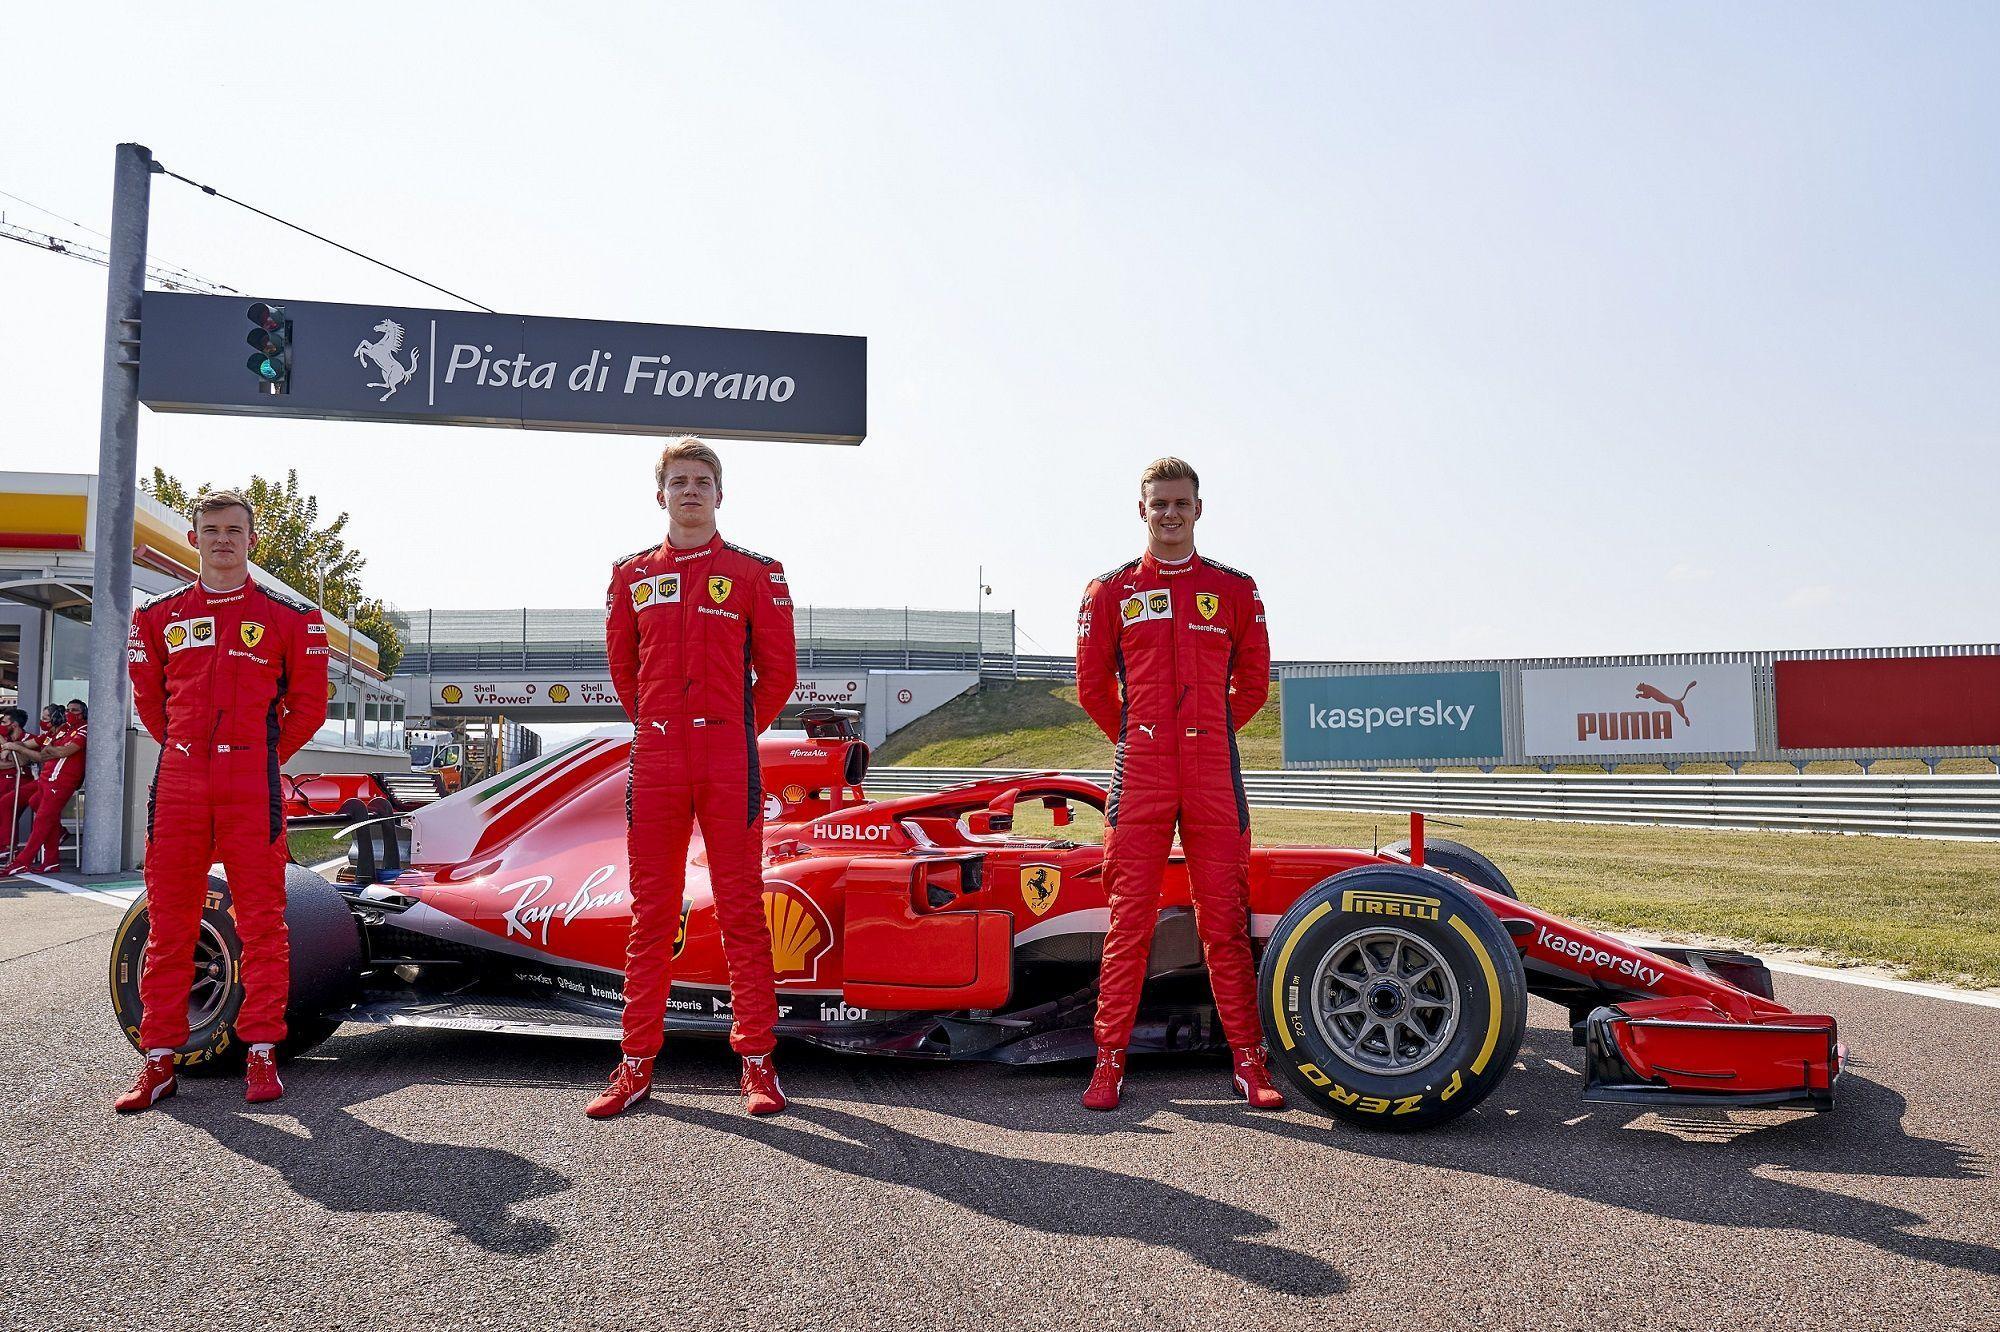 Mick Schumacher, Callum Ilott, Robert Shwartzman, F1, Ferrari